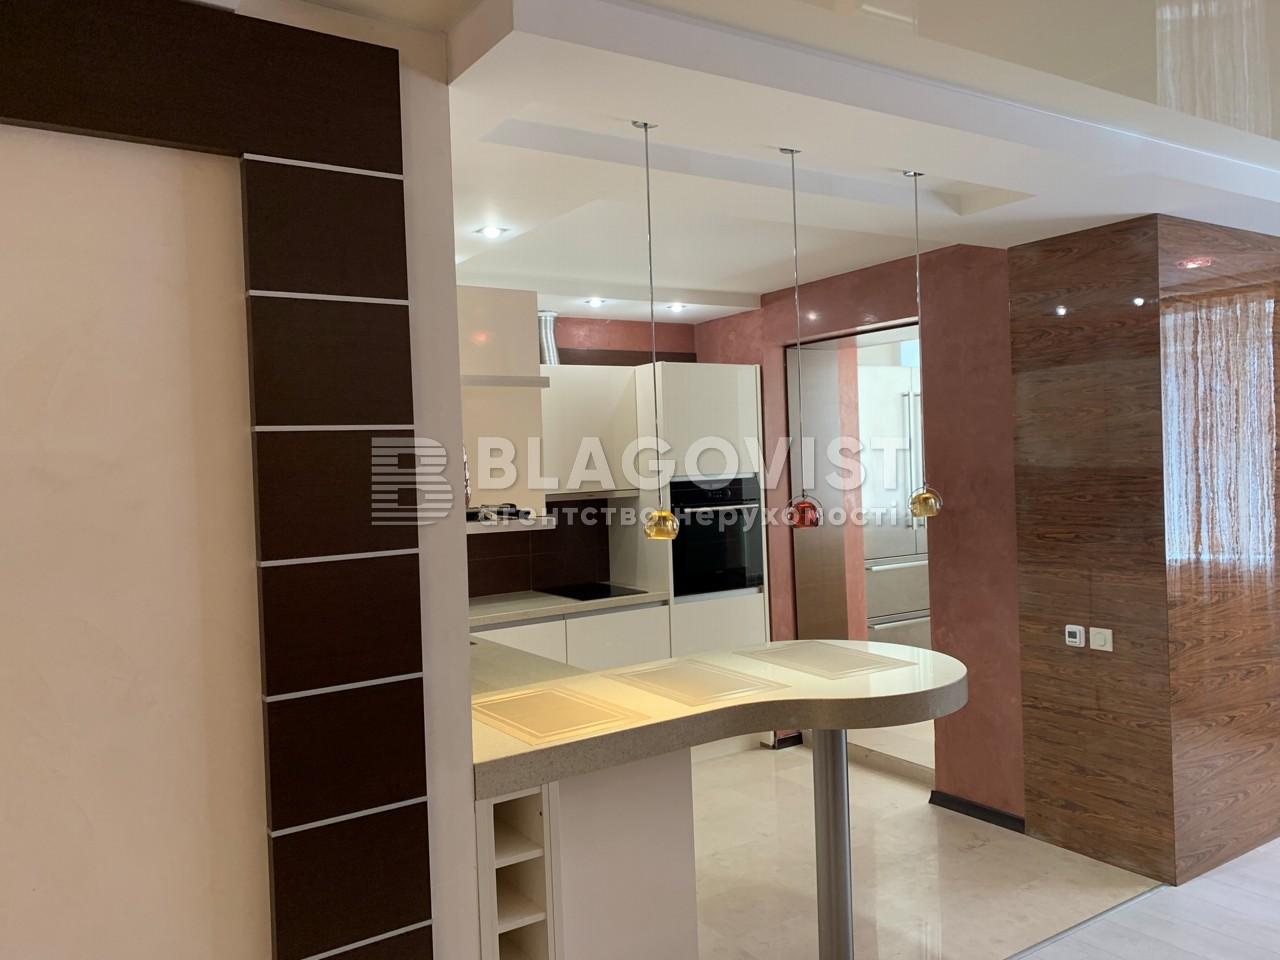 Квартира R-25704, Героев Сталинграда просп., 14, Киев - Фото 7